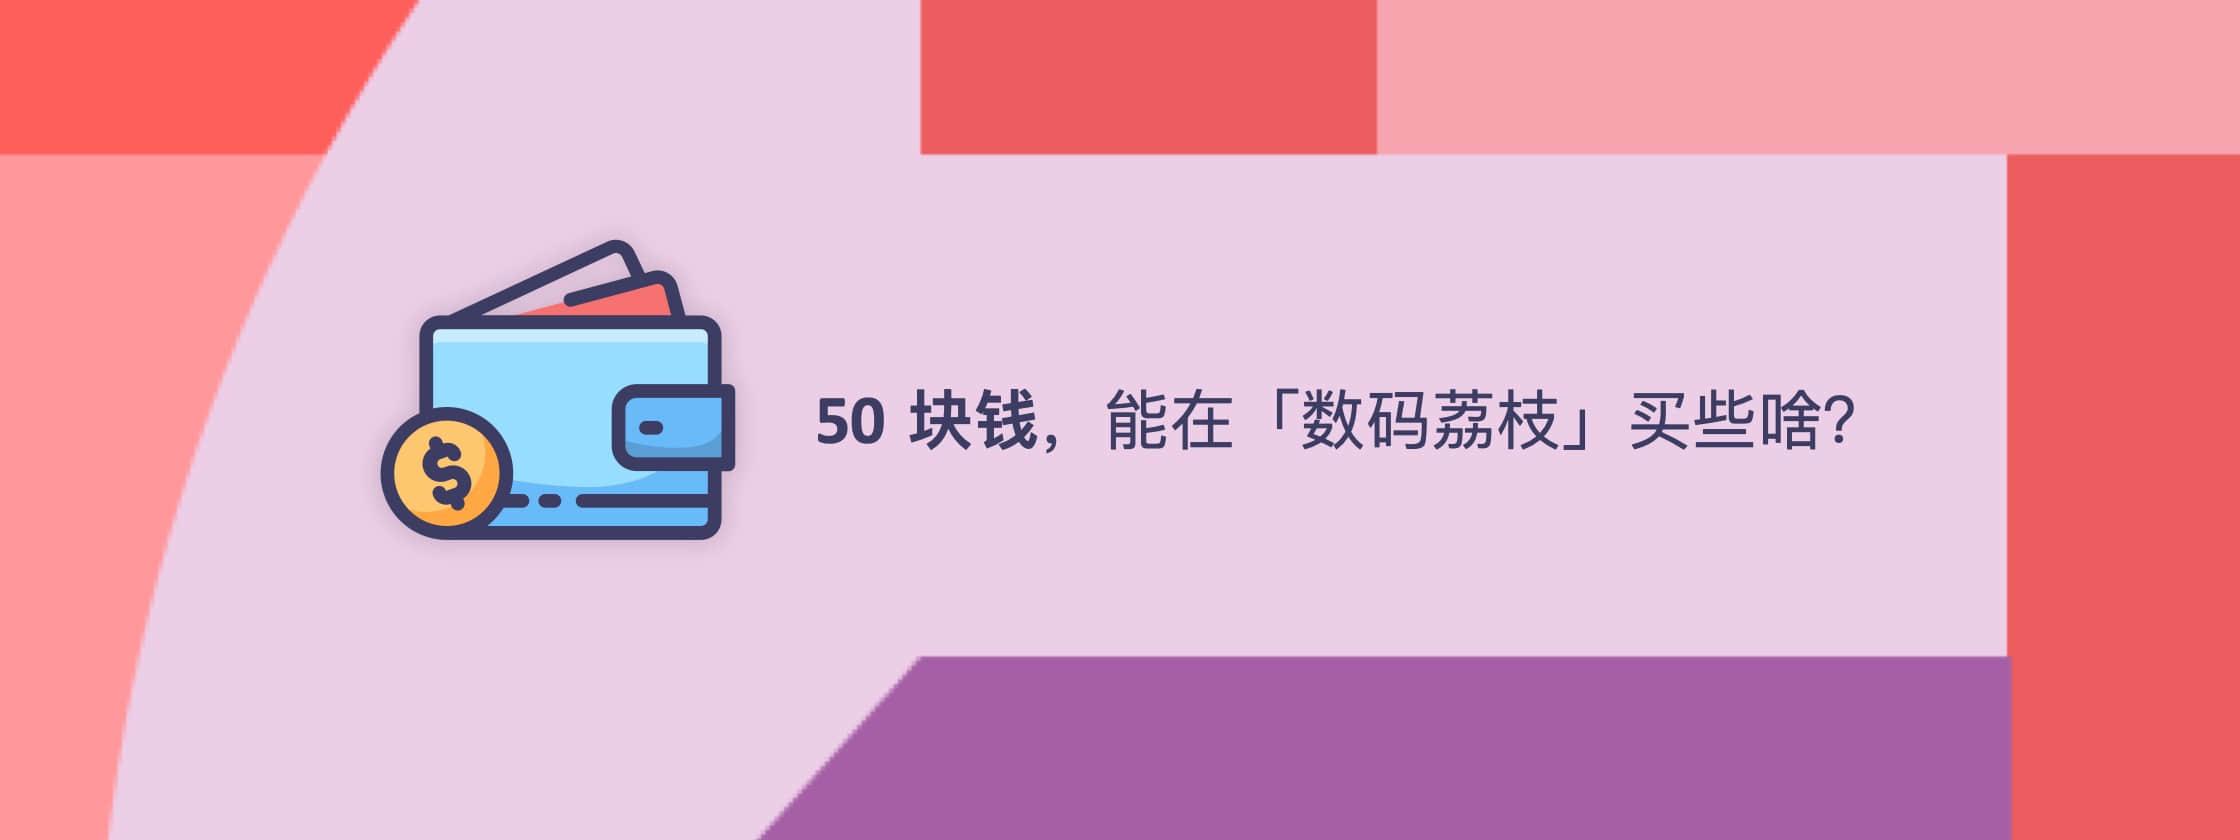 50 块钱可以在「数码荔枝」买到啥?